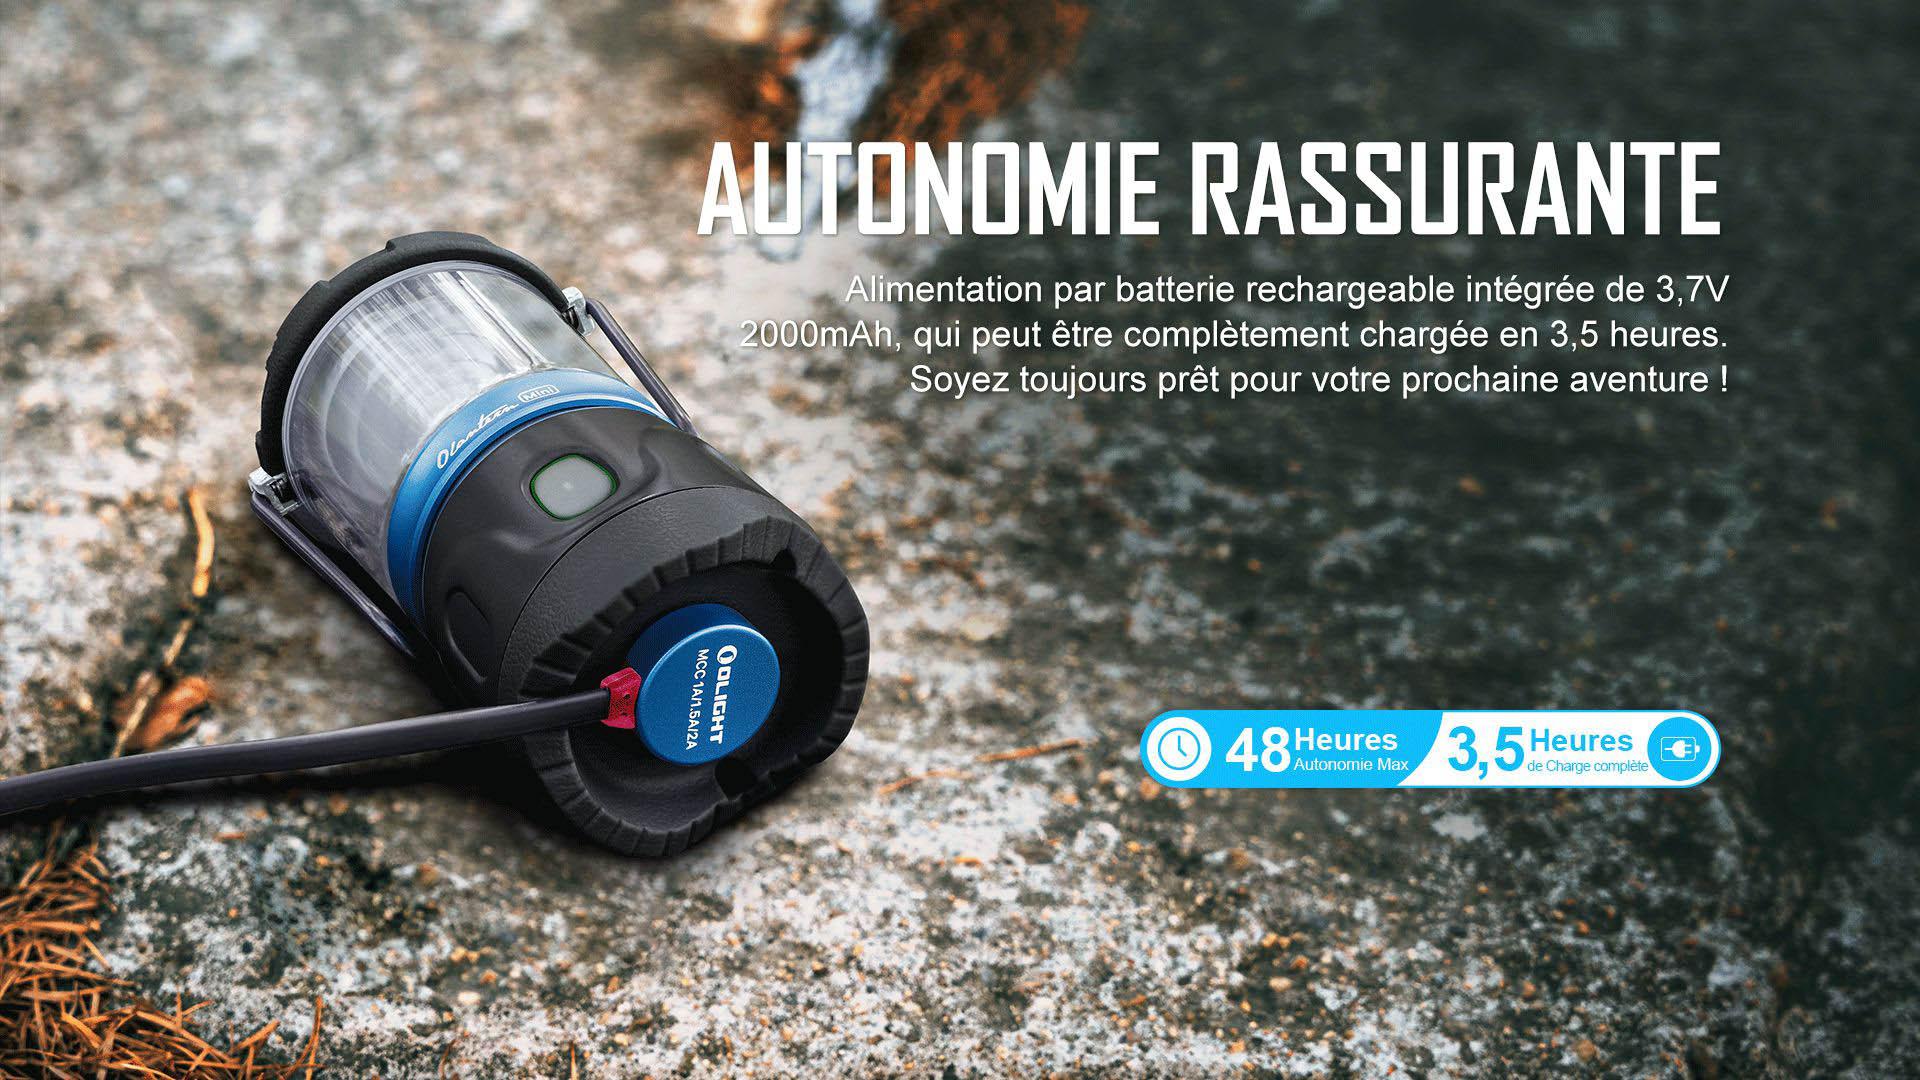 autonomie de la batterie rechargeable jusqu'à 48 heures